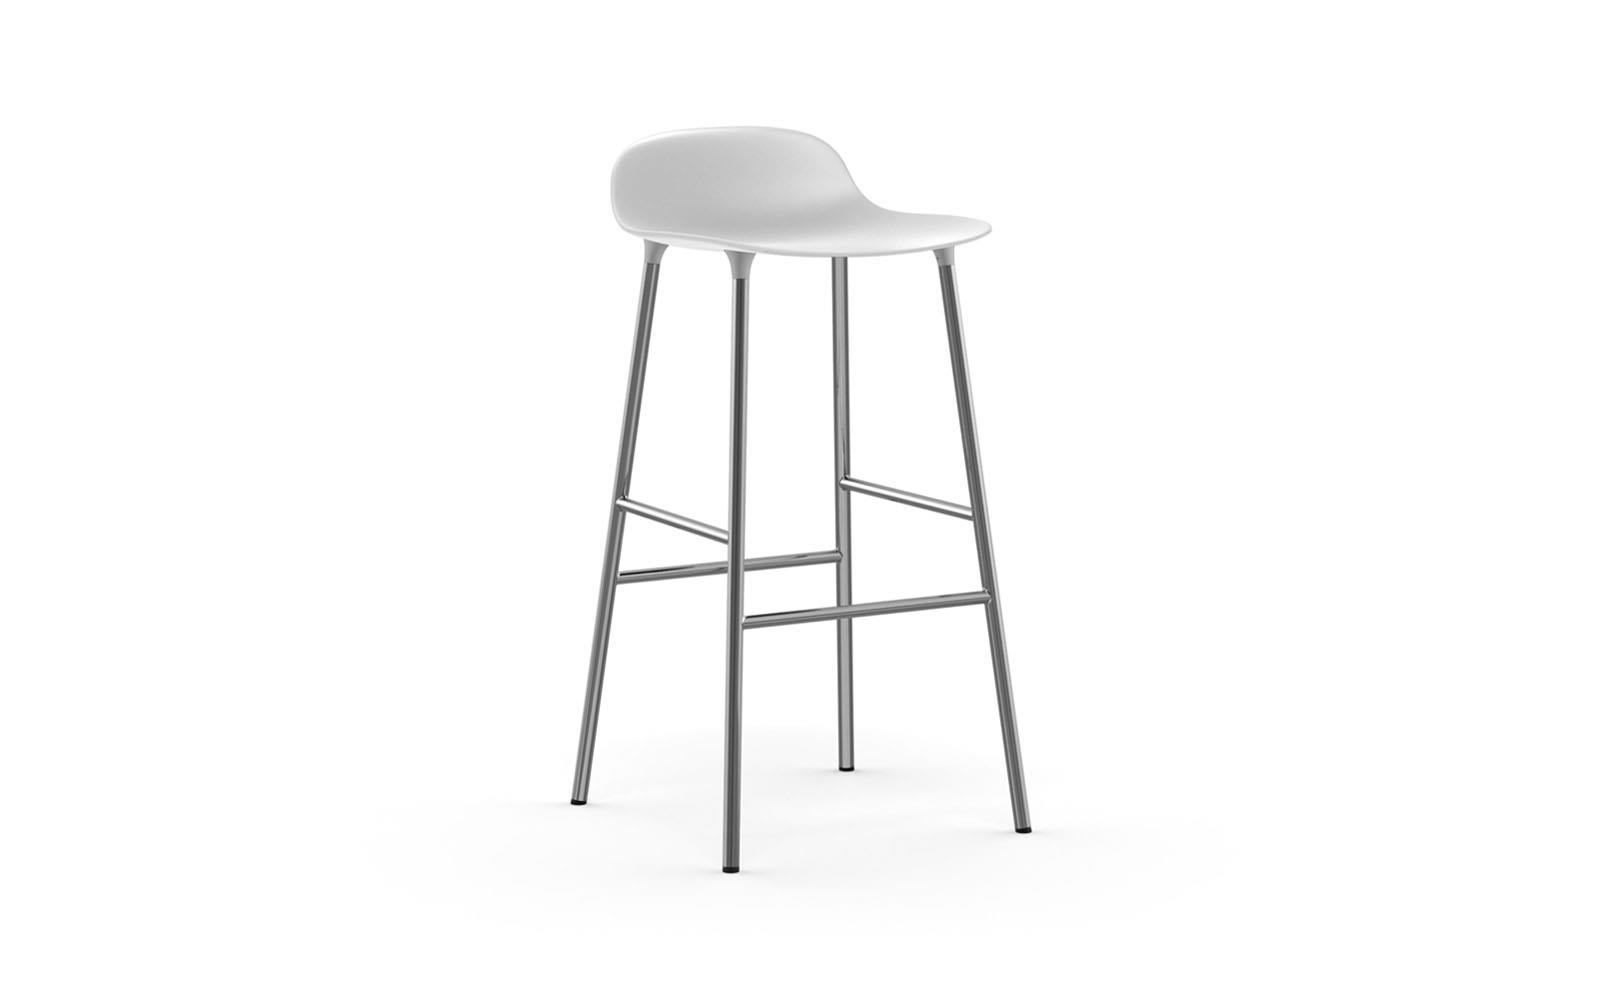 4005a4427 Form barstol 75 cm hvid/krom